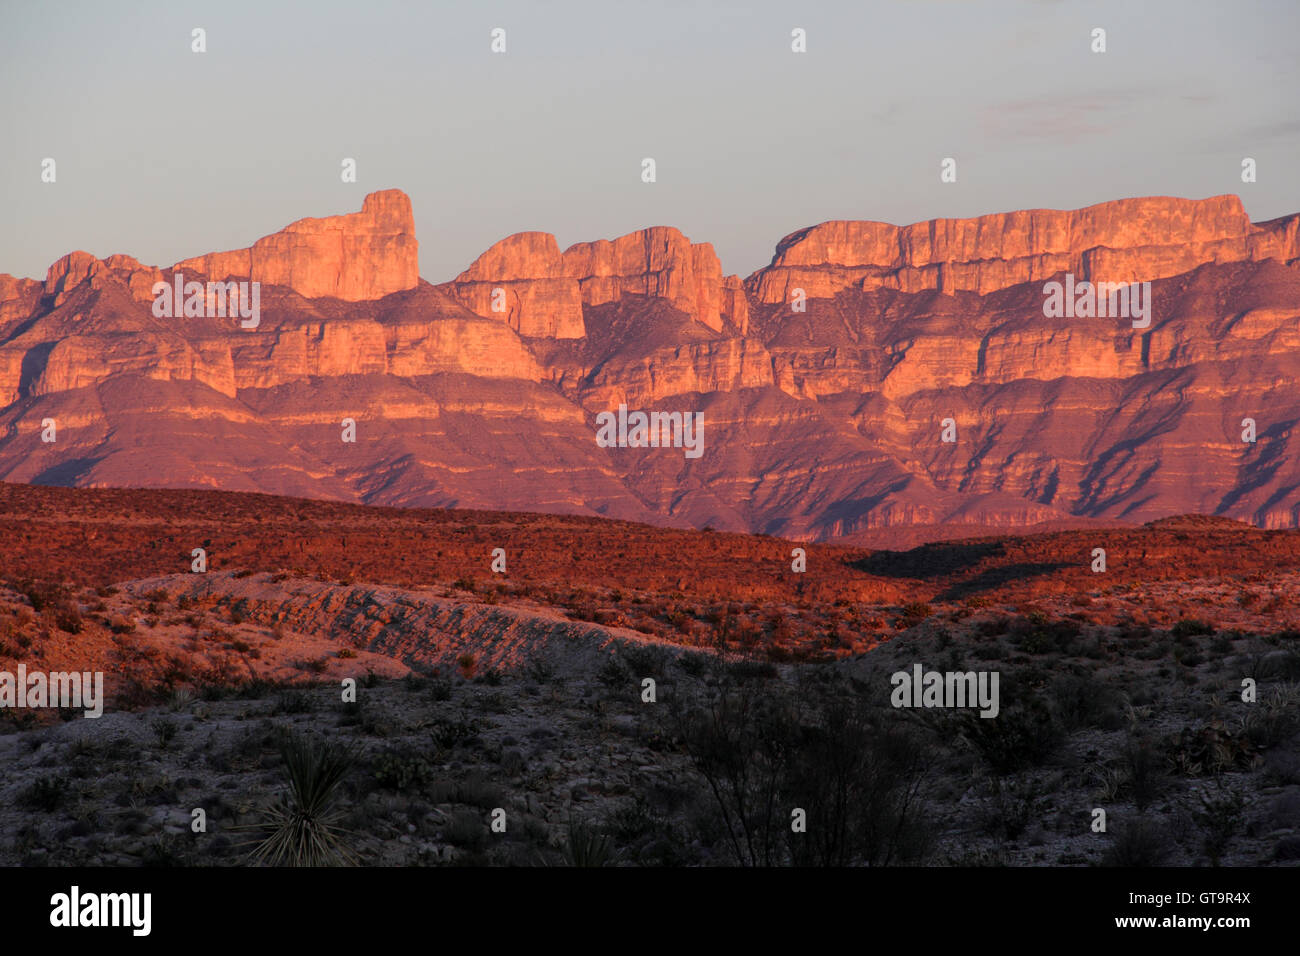 Bel Tramonto sulla Sierra del Carmen montagne del Parco nazionale di Big Bend, Texas Foto Stock